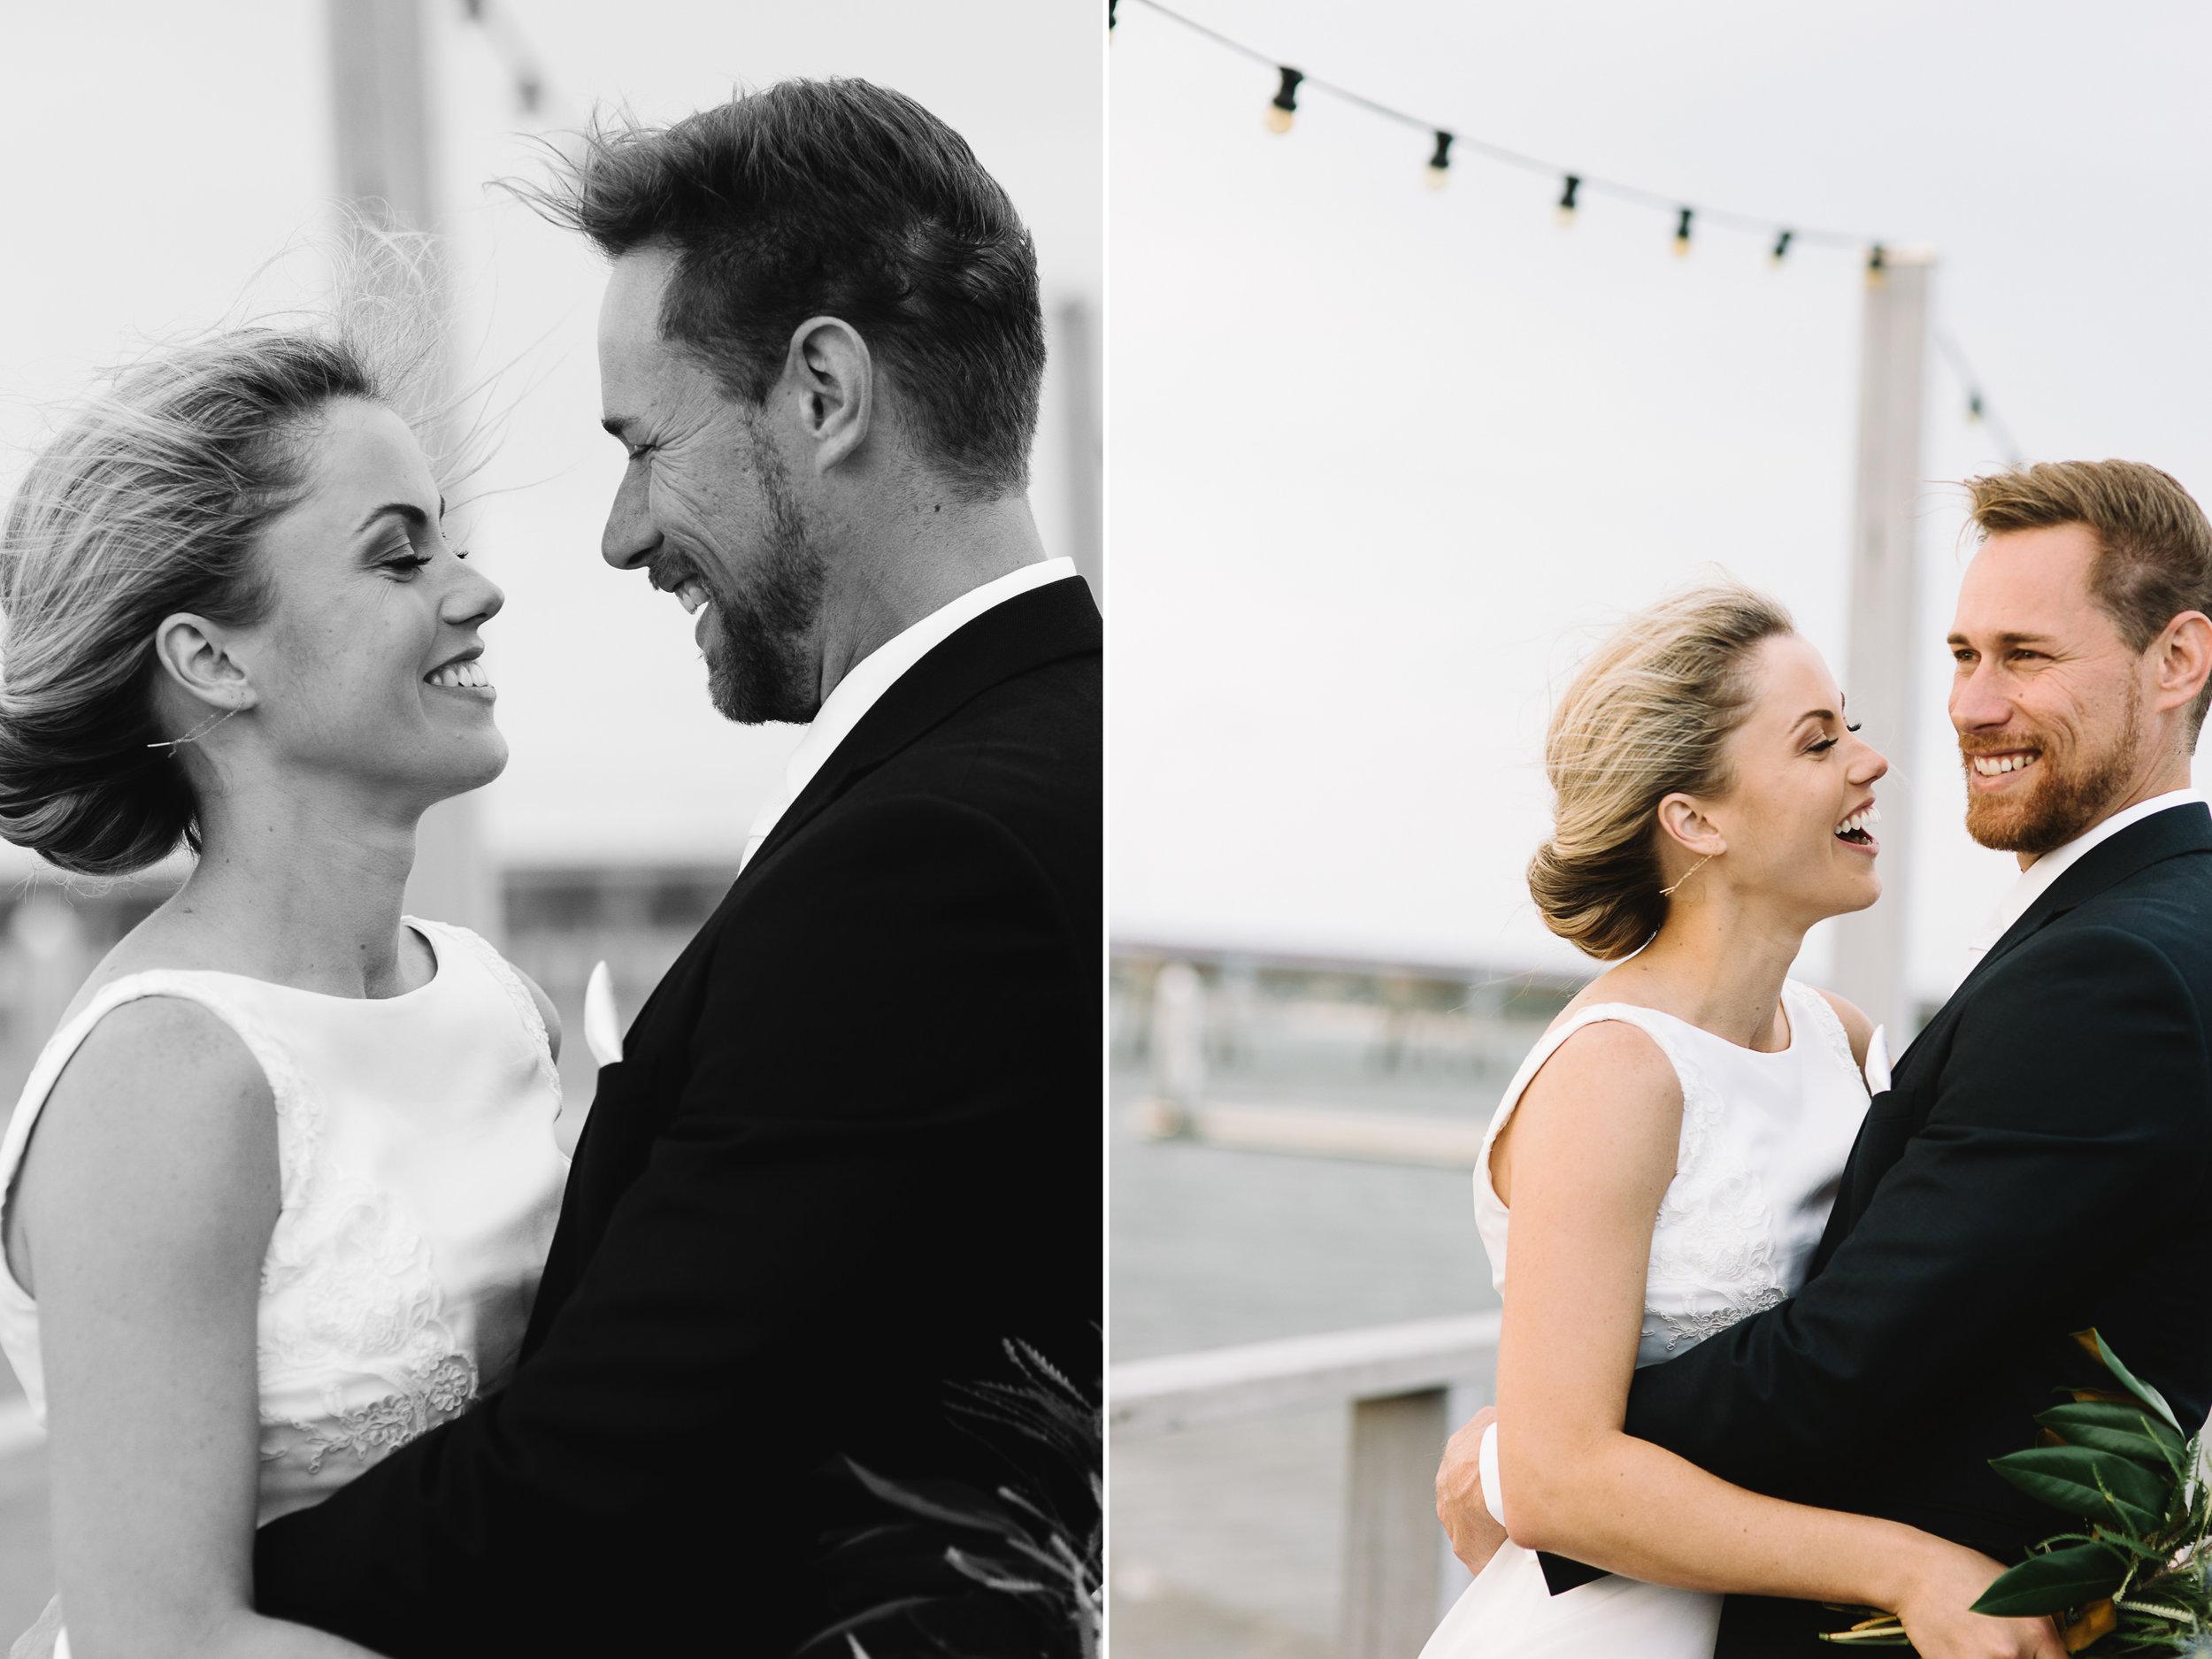 wedding-photography-brisbane-sandstone-point-hotel-bribie-island-27.jpg